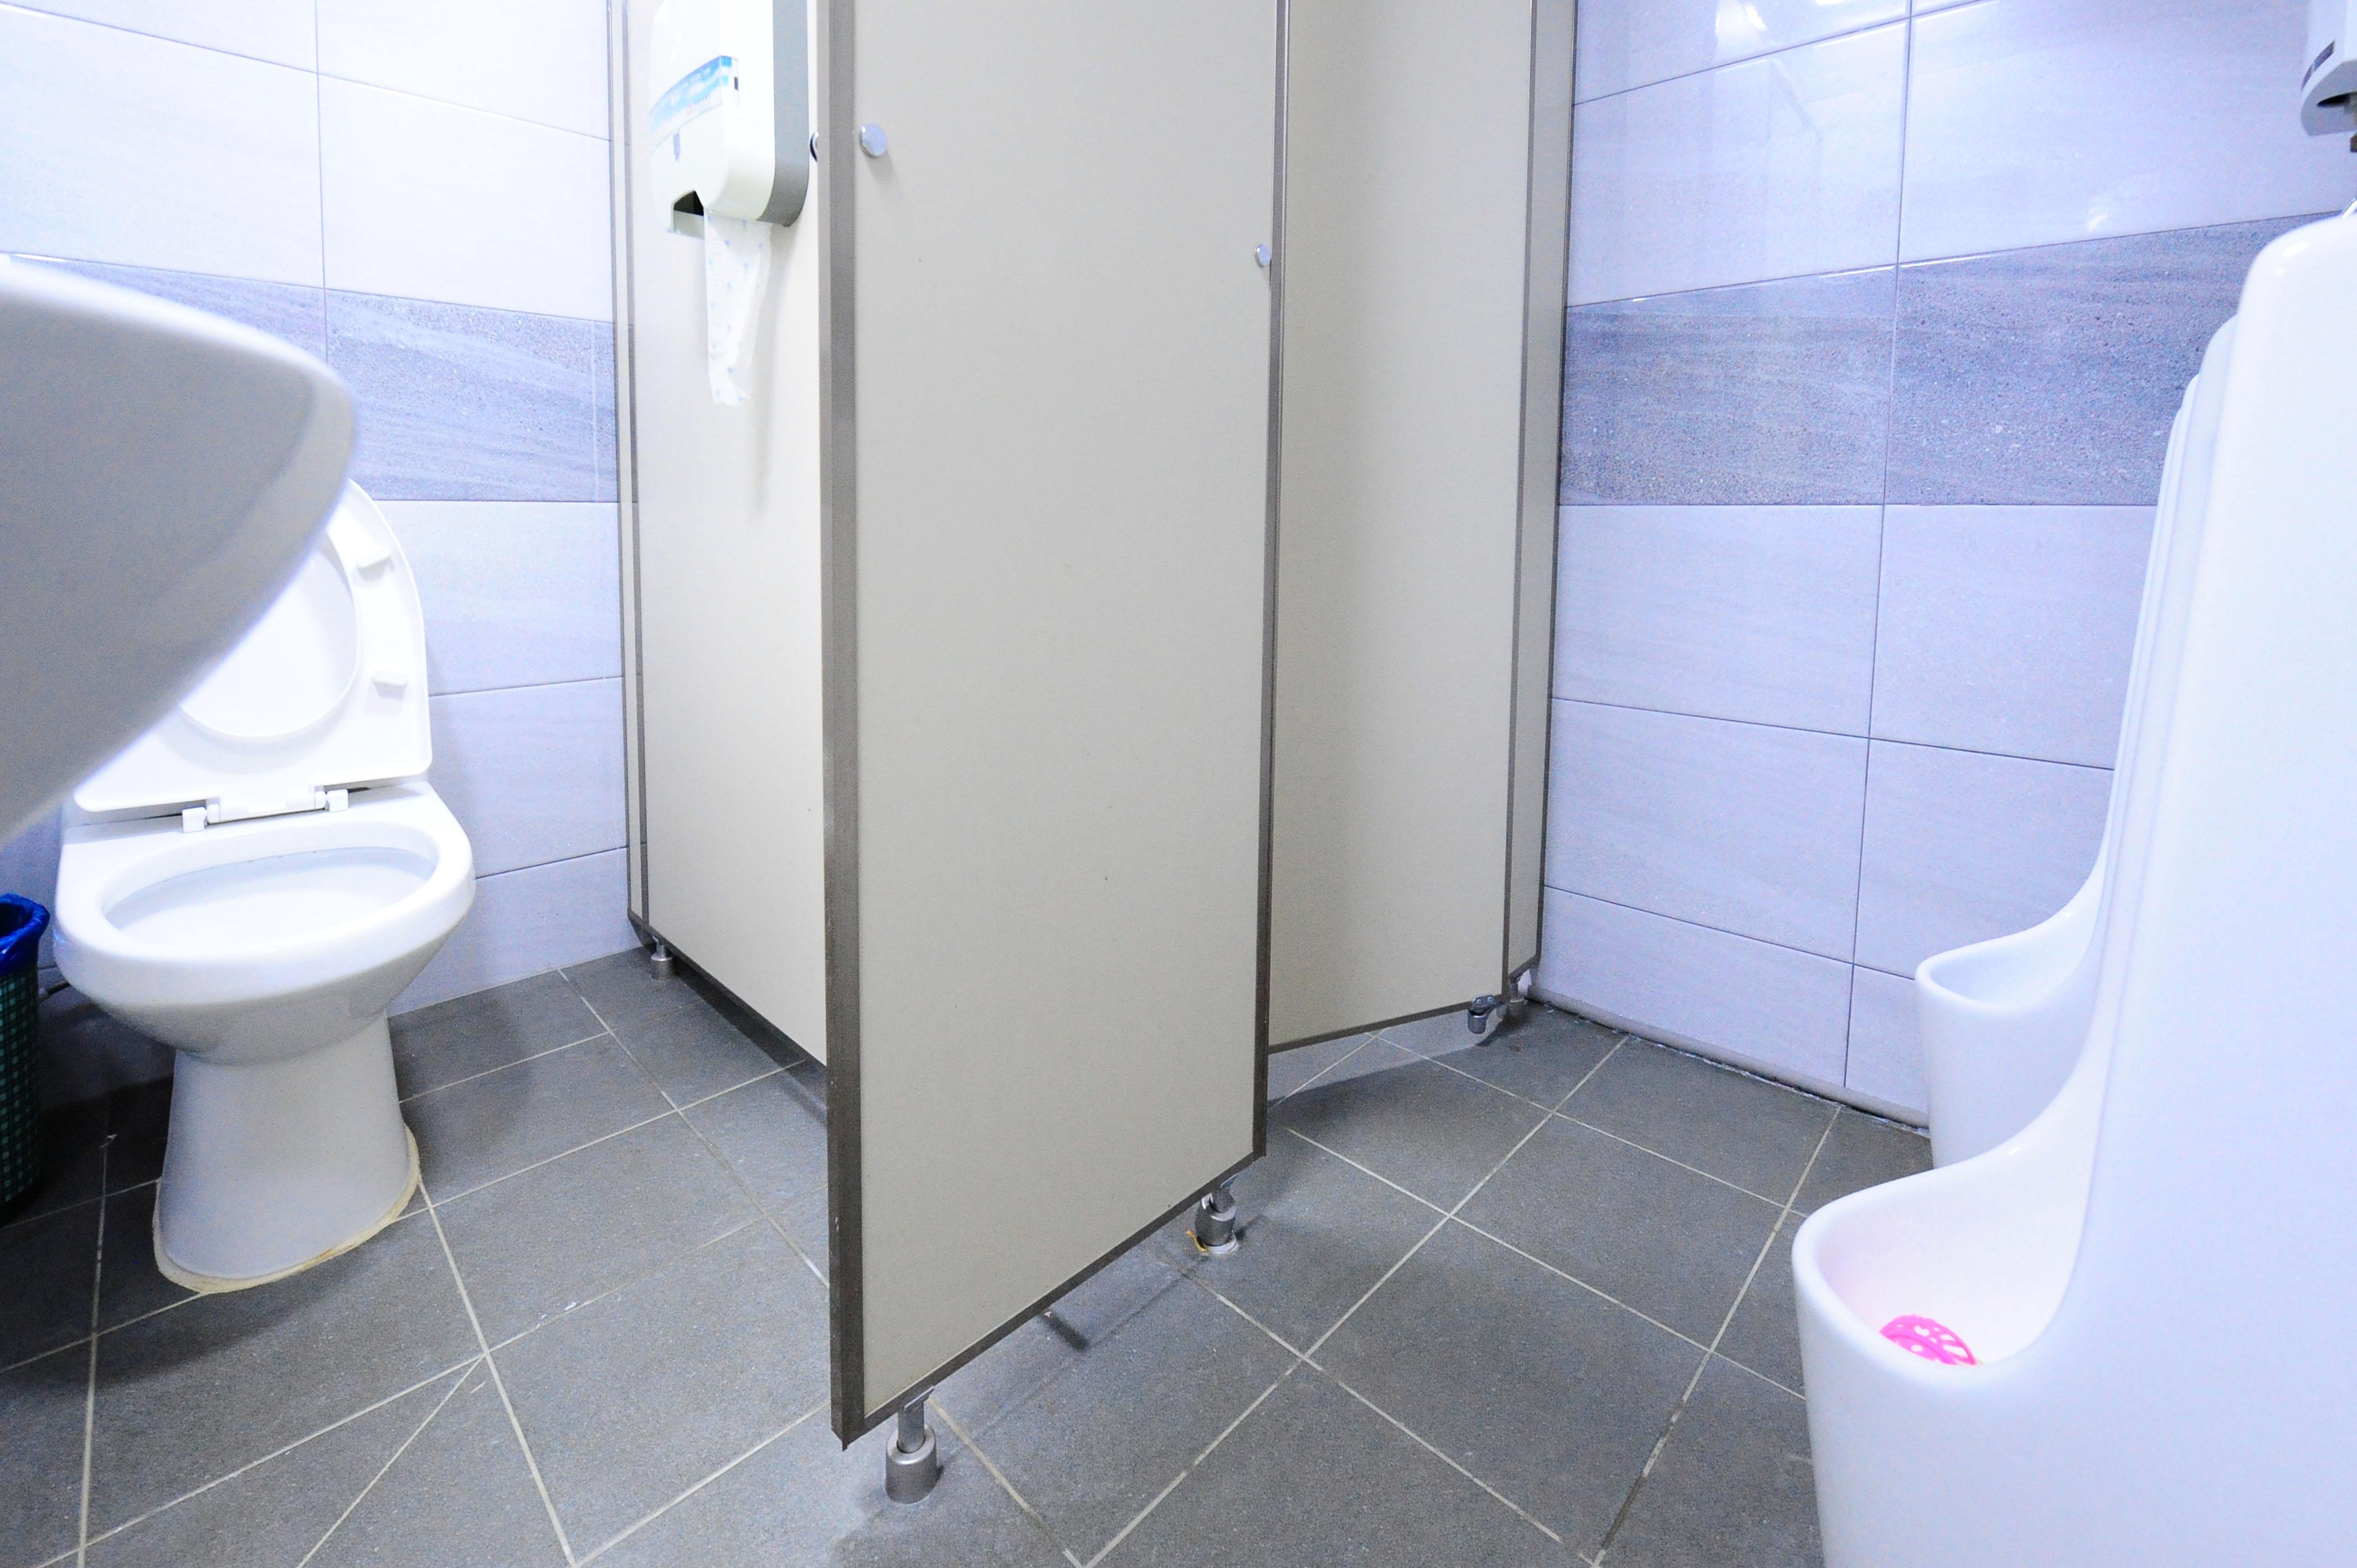 단풍나무관 2층 남자 화장실